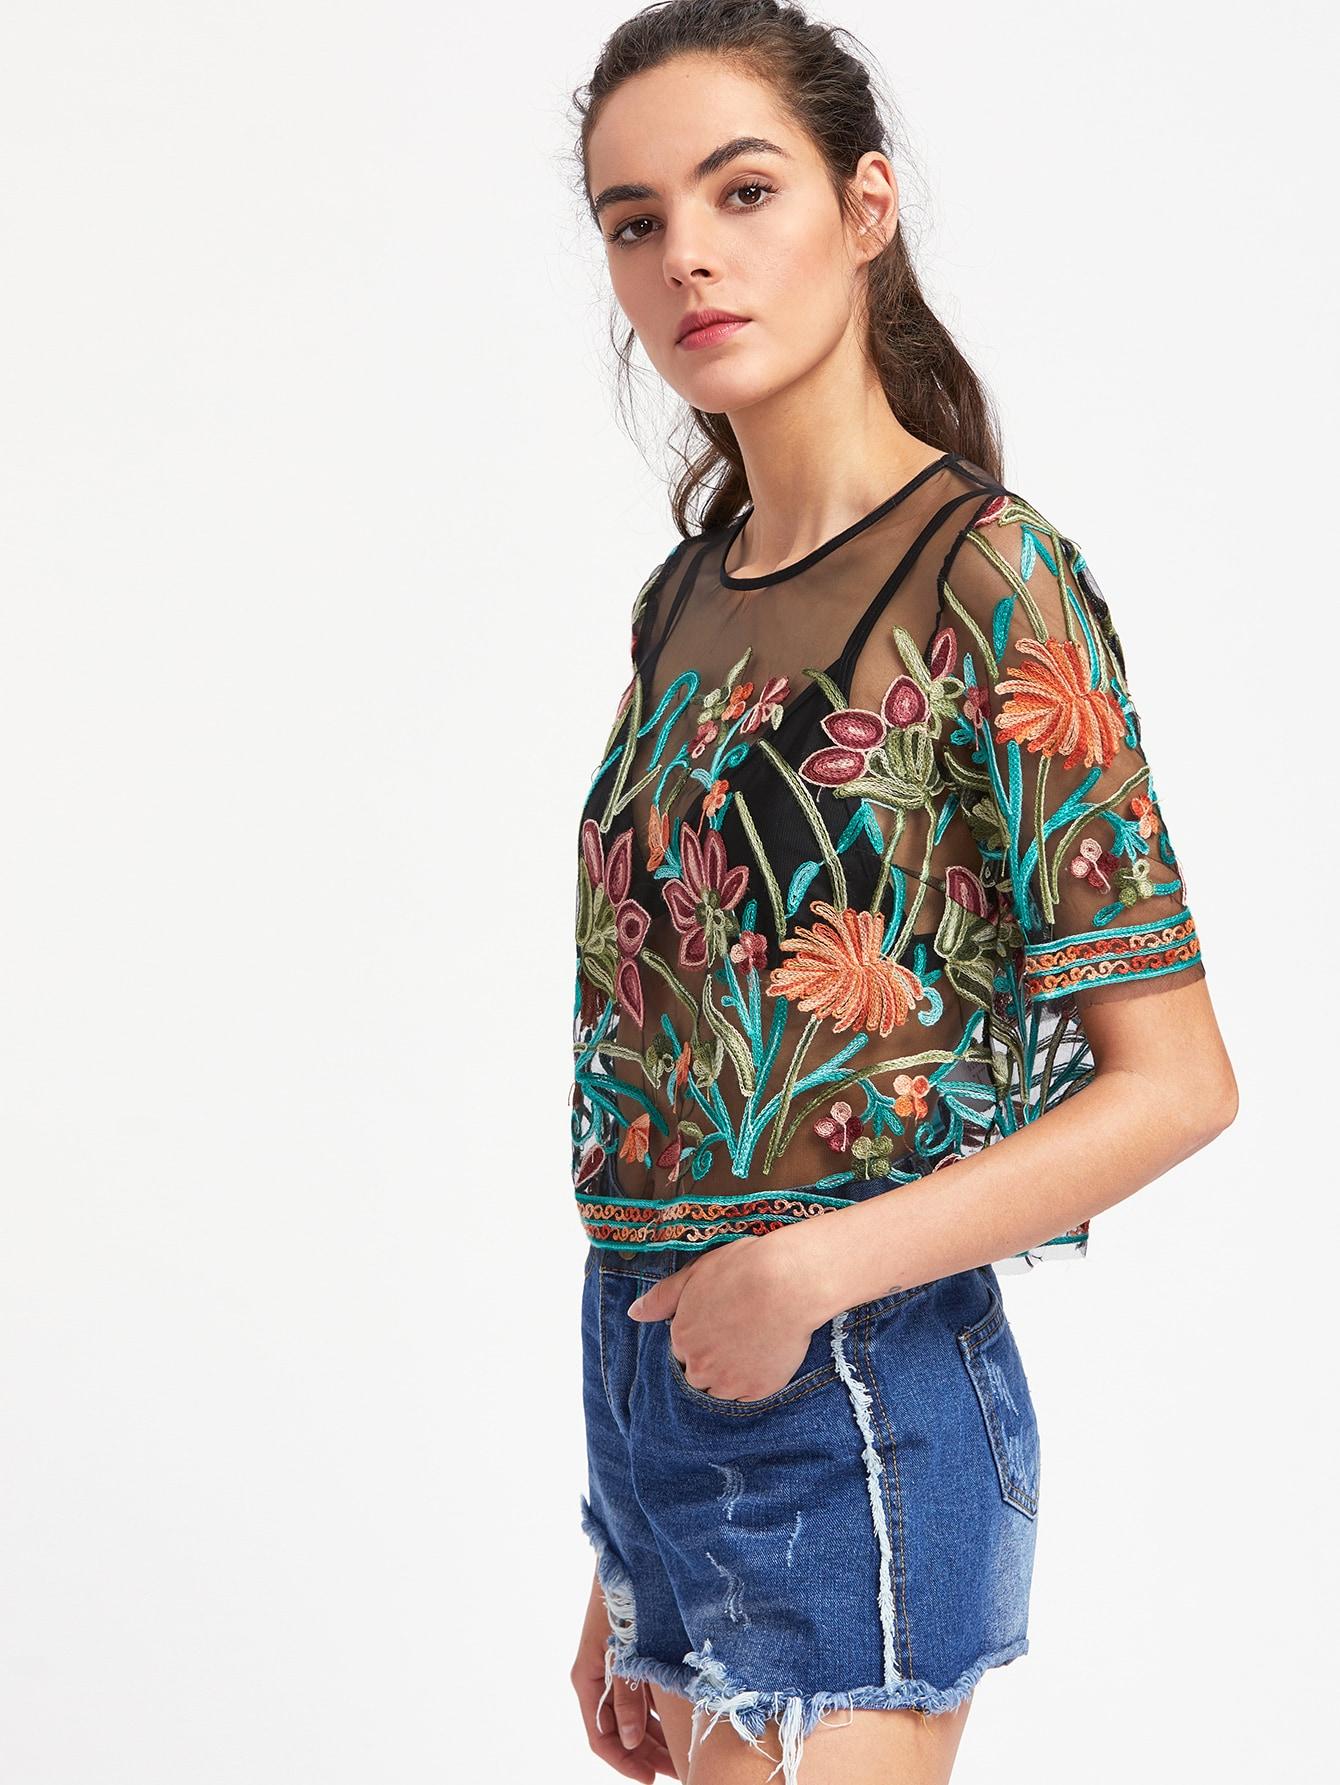 a7b7dda691 Flower Embroidered Mesh Crop Top | SHEIN IN